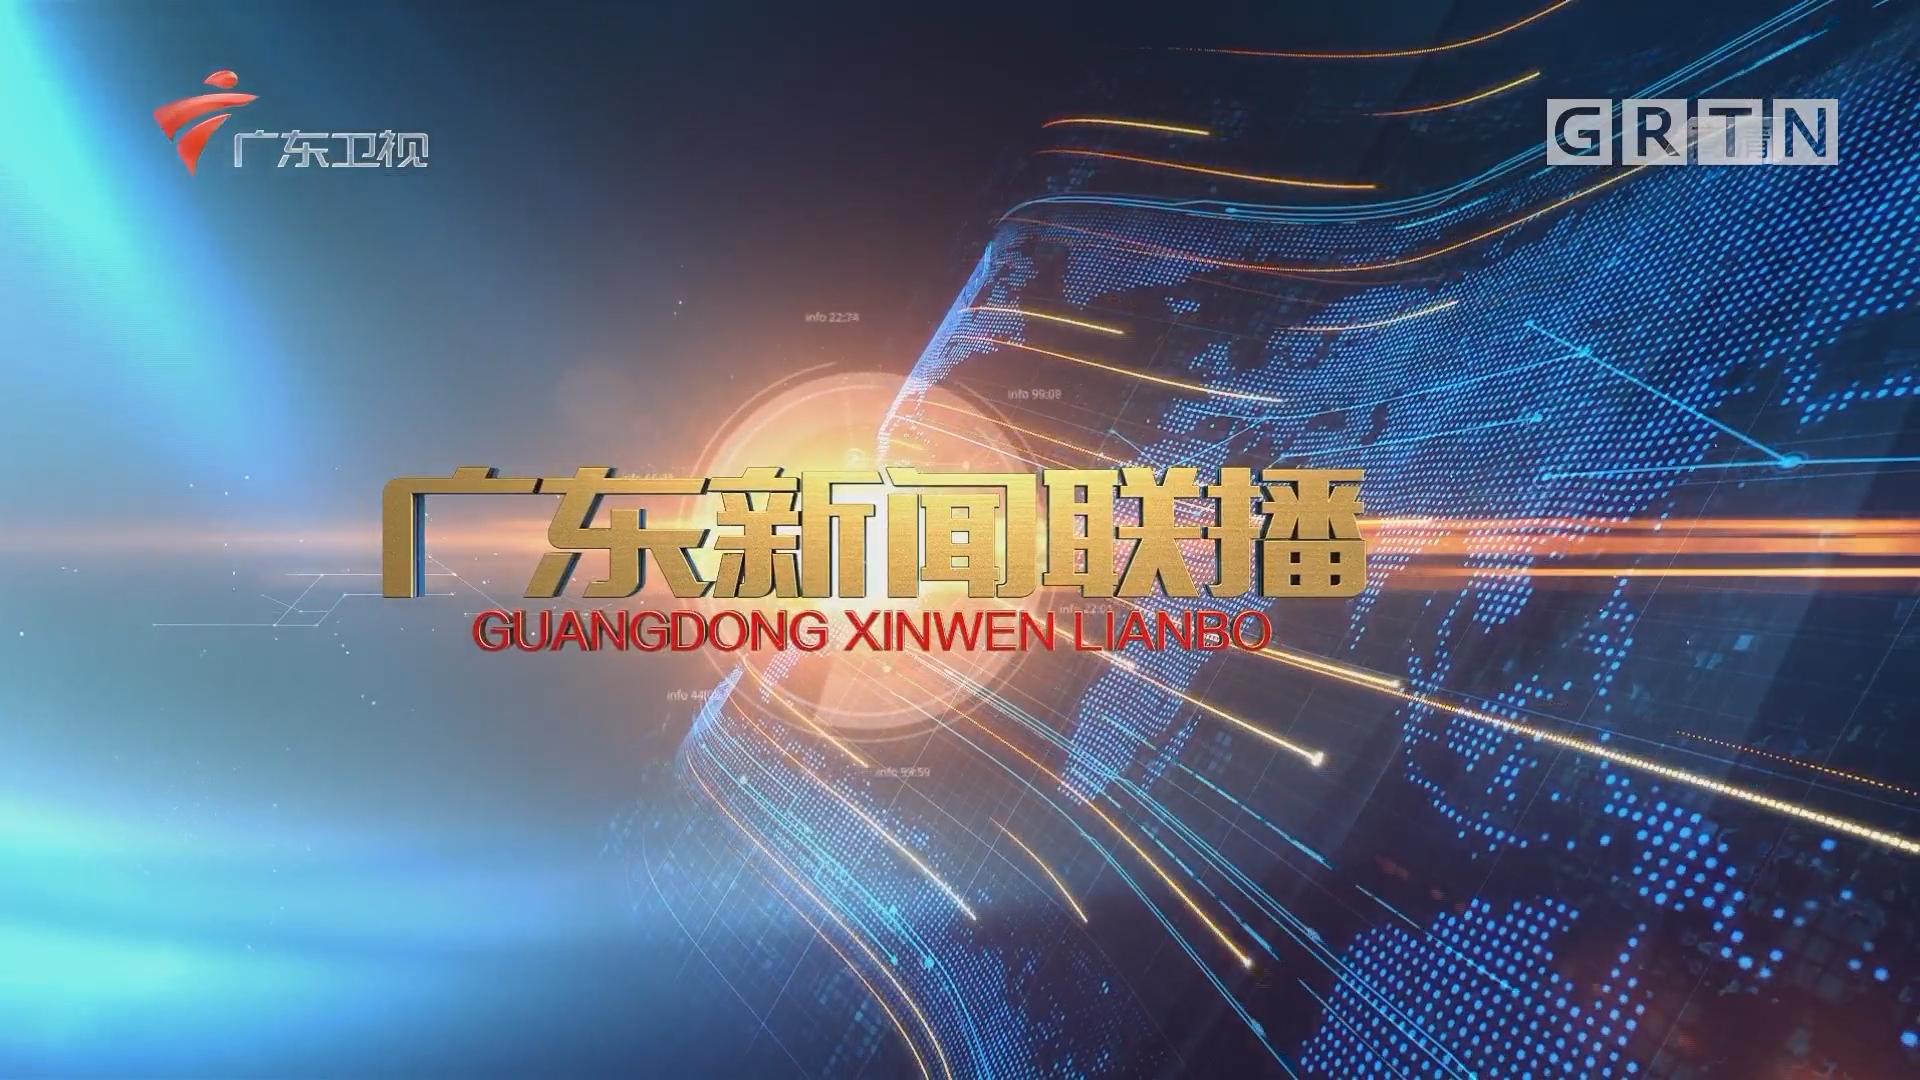 [HD][2019-02-06]广东新闻联播:广东:龙腾狮跃齐起舞 热热闹闹过大年